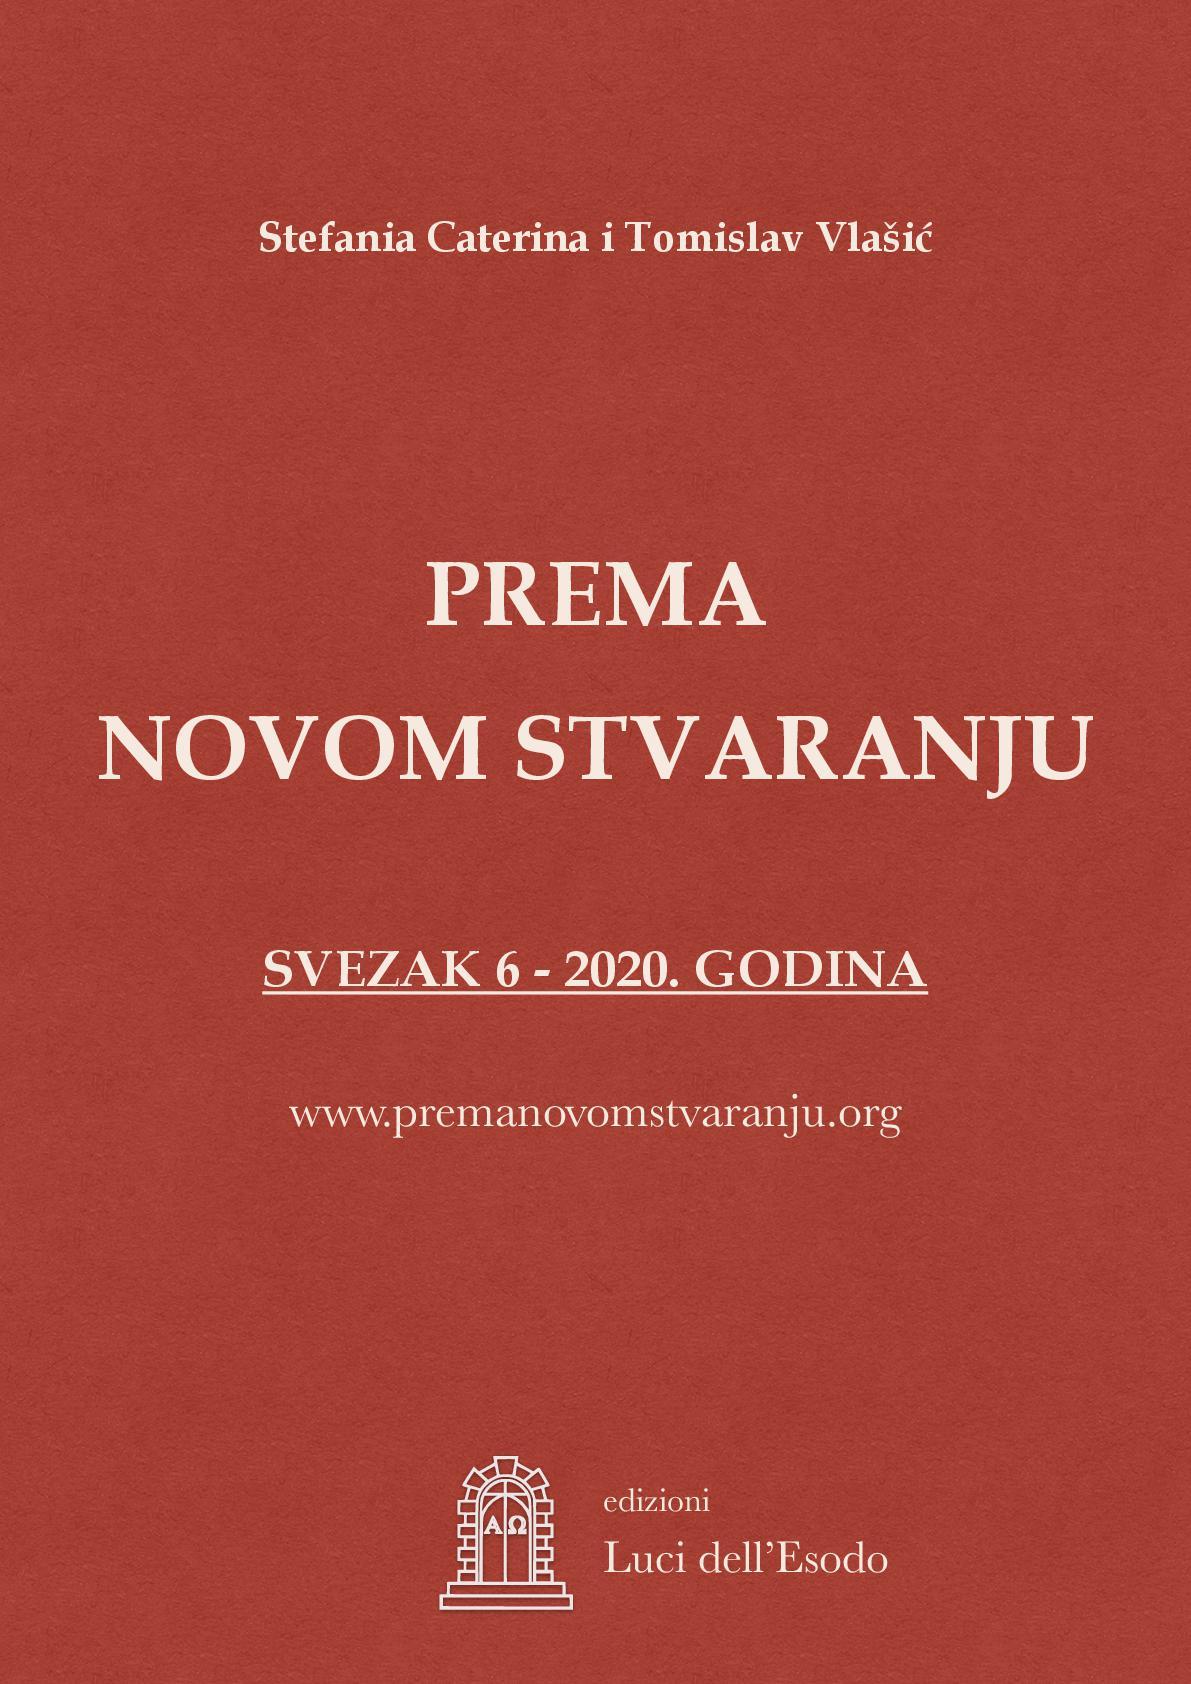 prema 2020_copertina